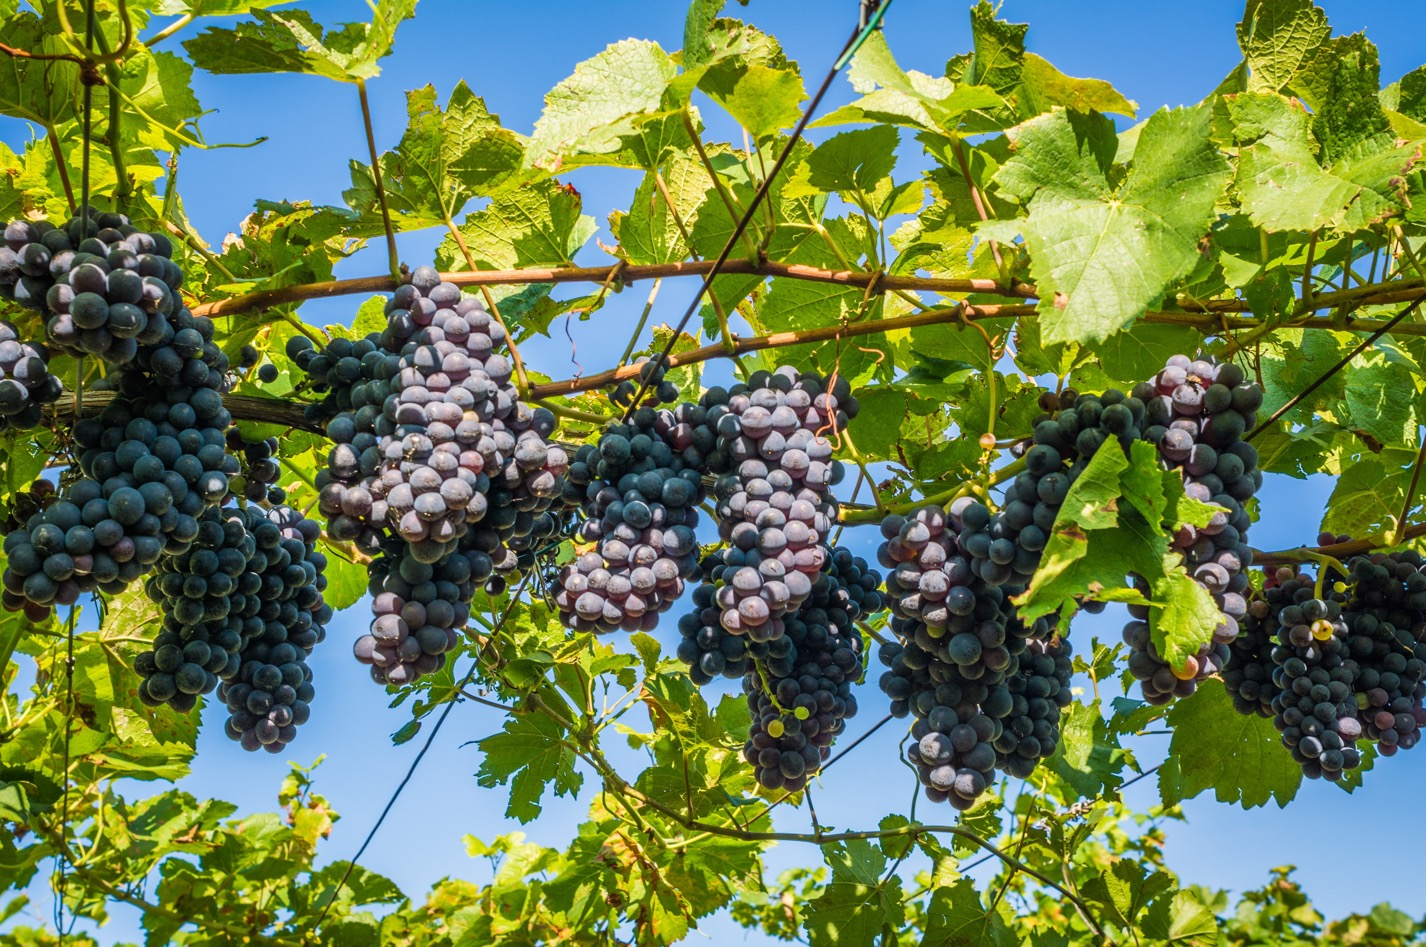 ワインの価値は値段の違いで決まるの?